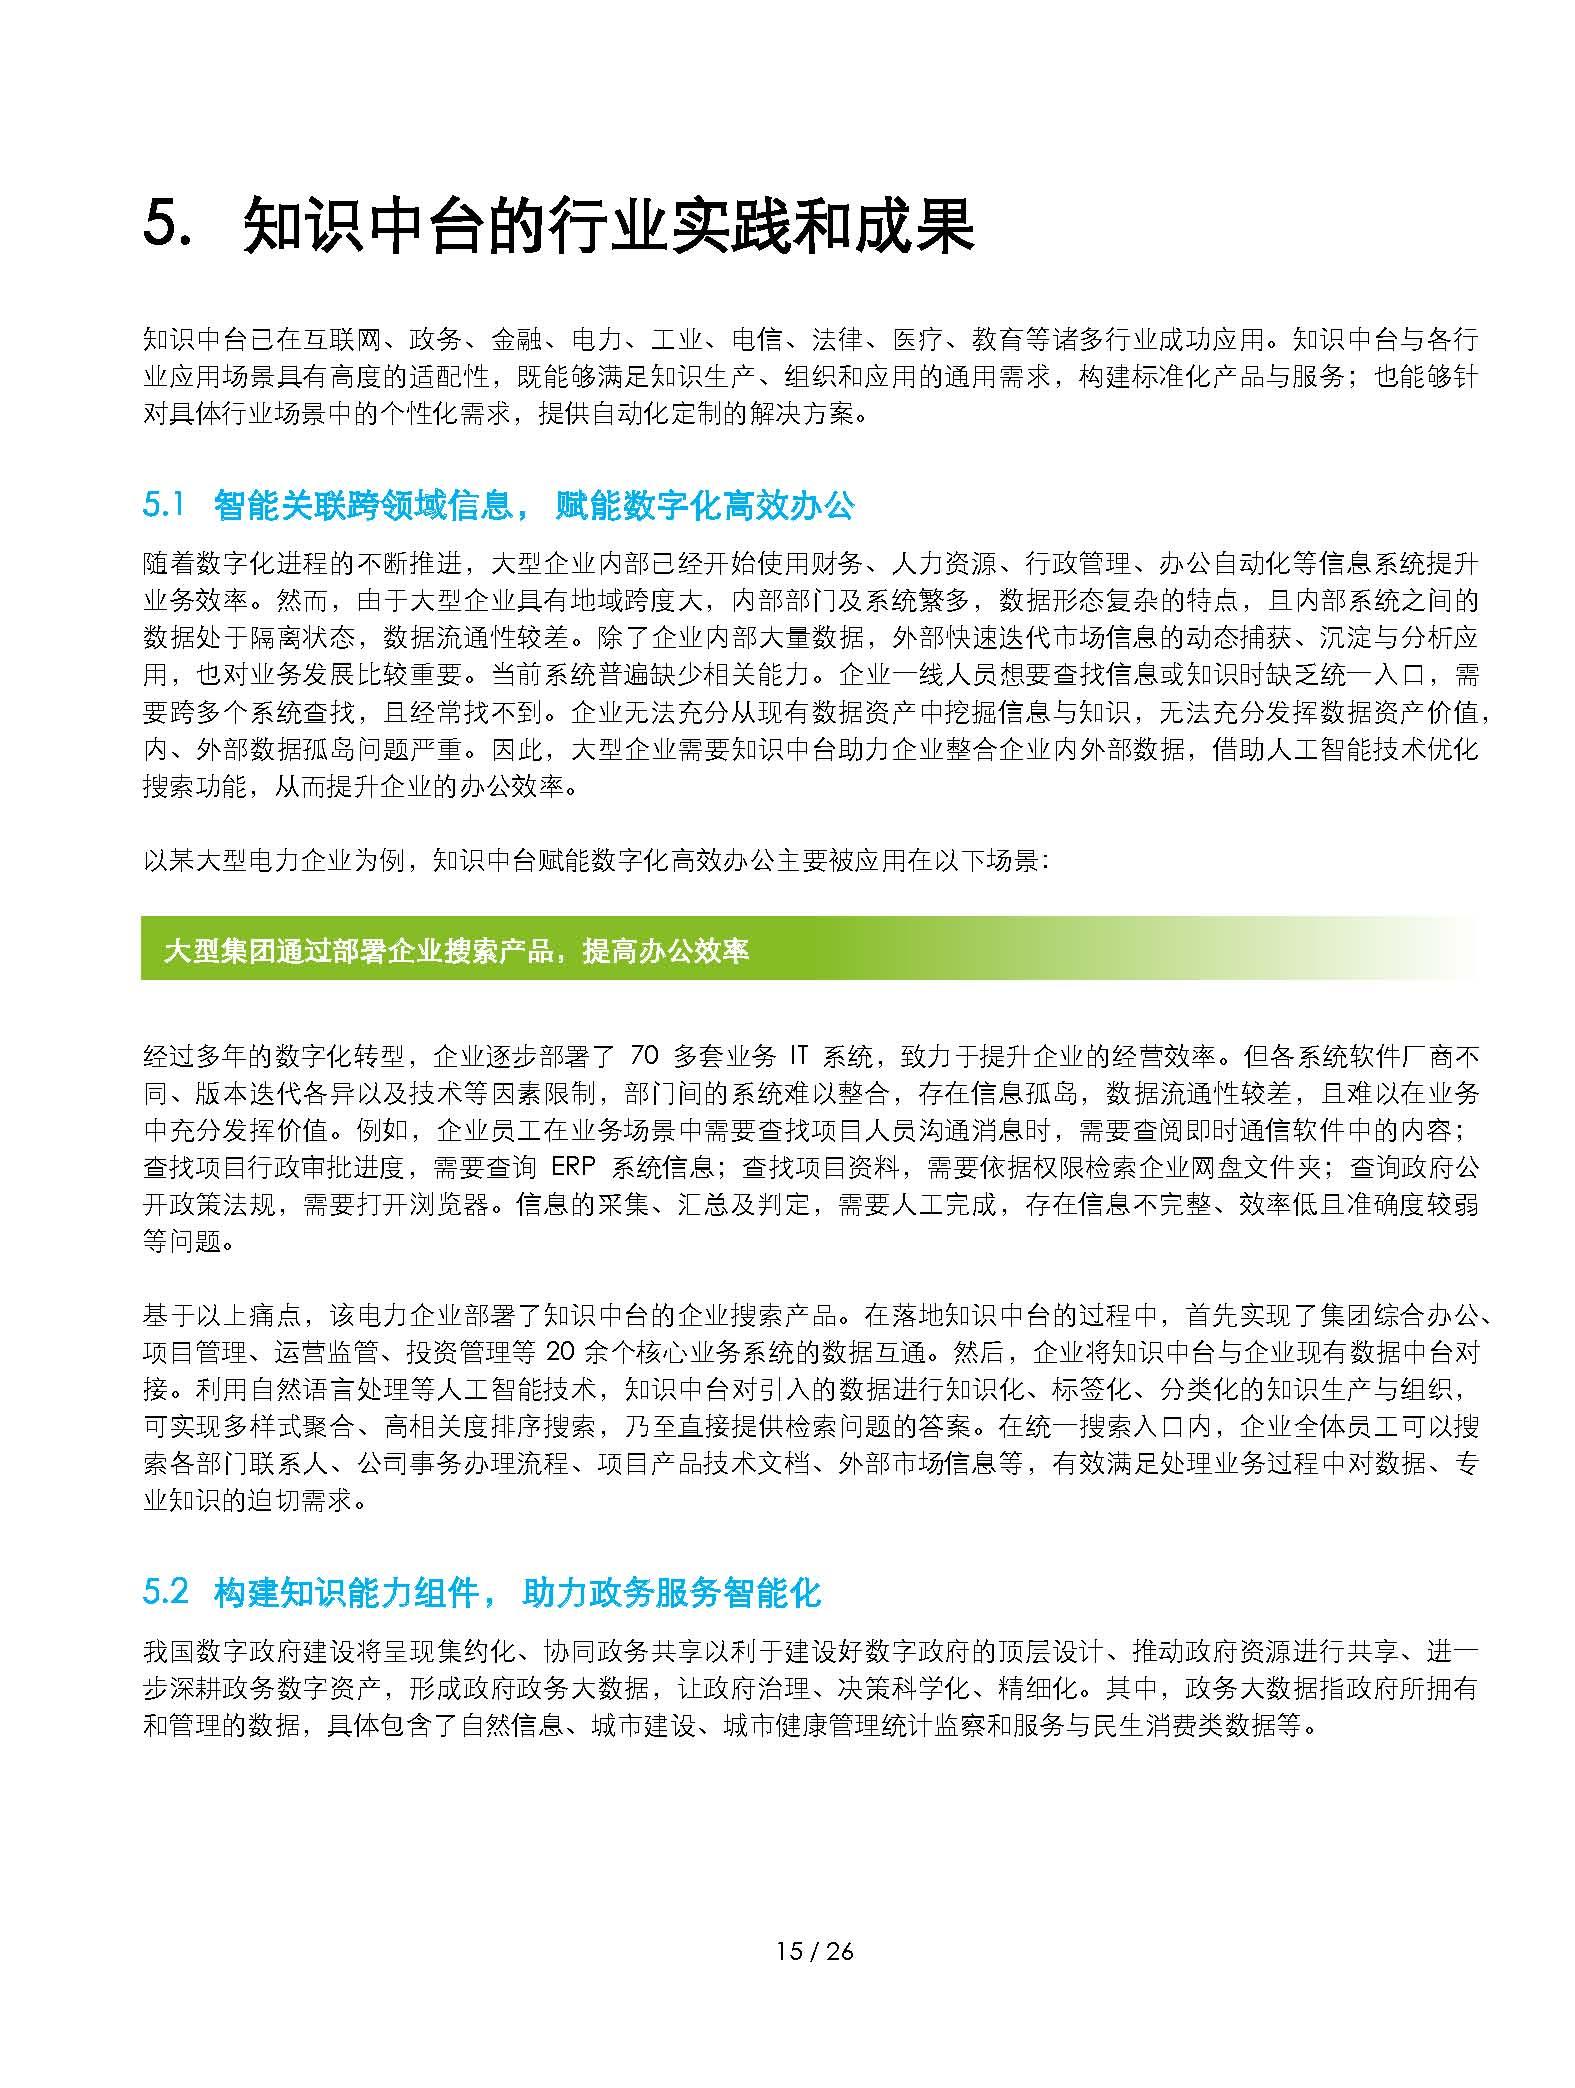 大数据研究报告,德勤管理咨询 & 百度集团 2020年《知识中台白皮书》!